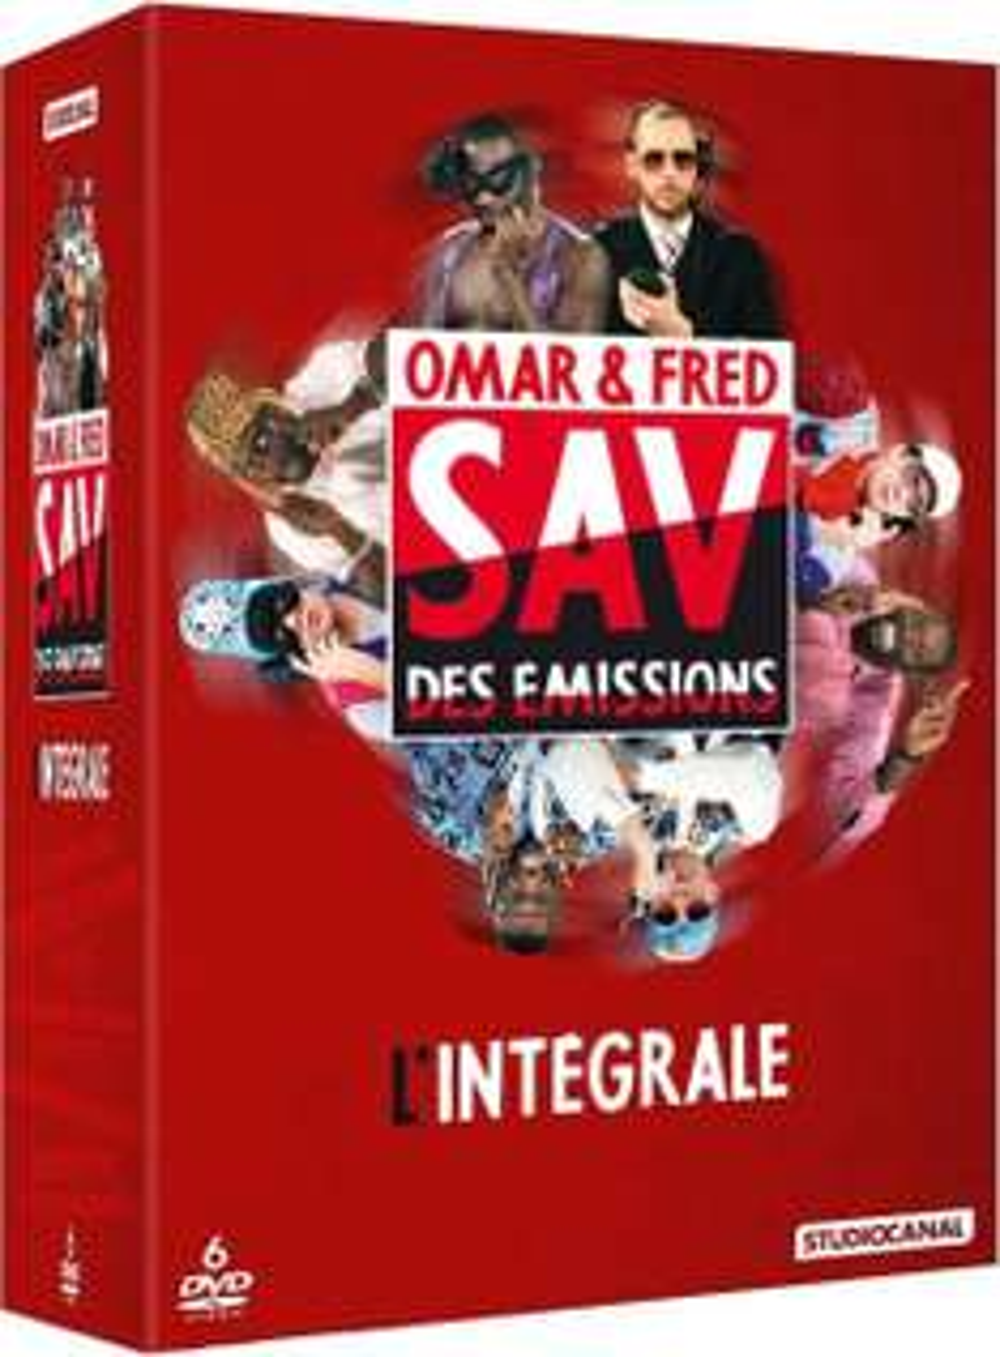 Coffret DVD : Omar & Fred - SAV des émissions saisons 1 à 6